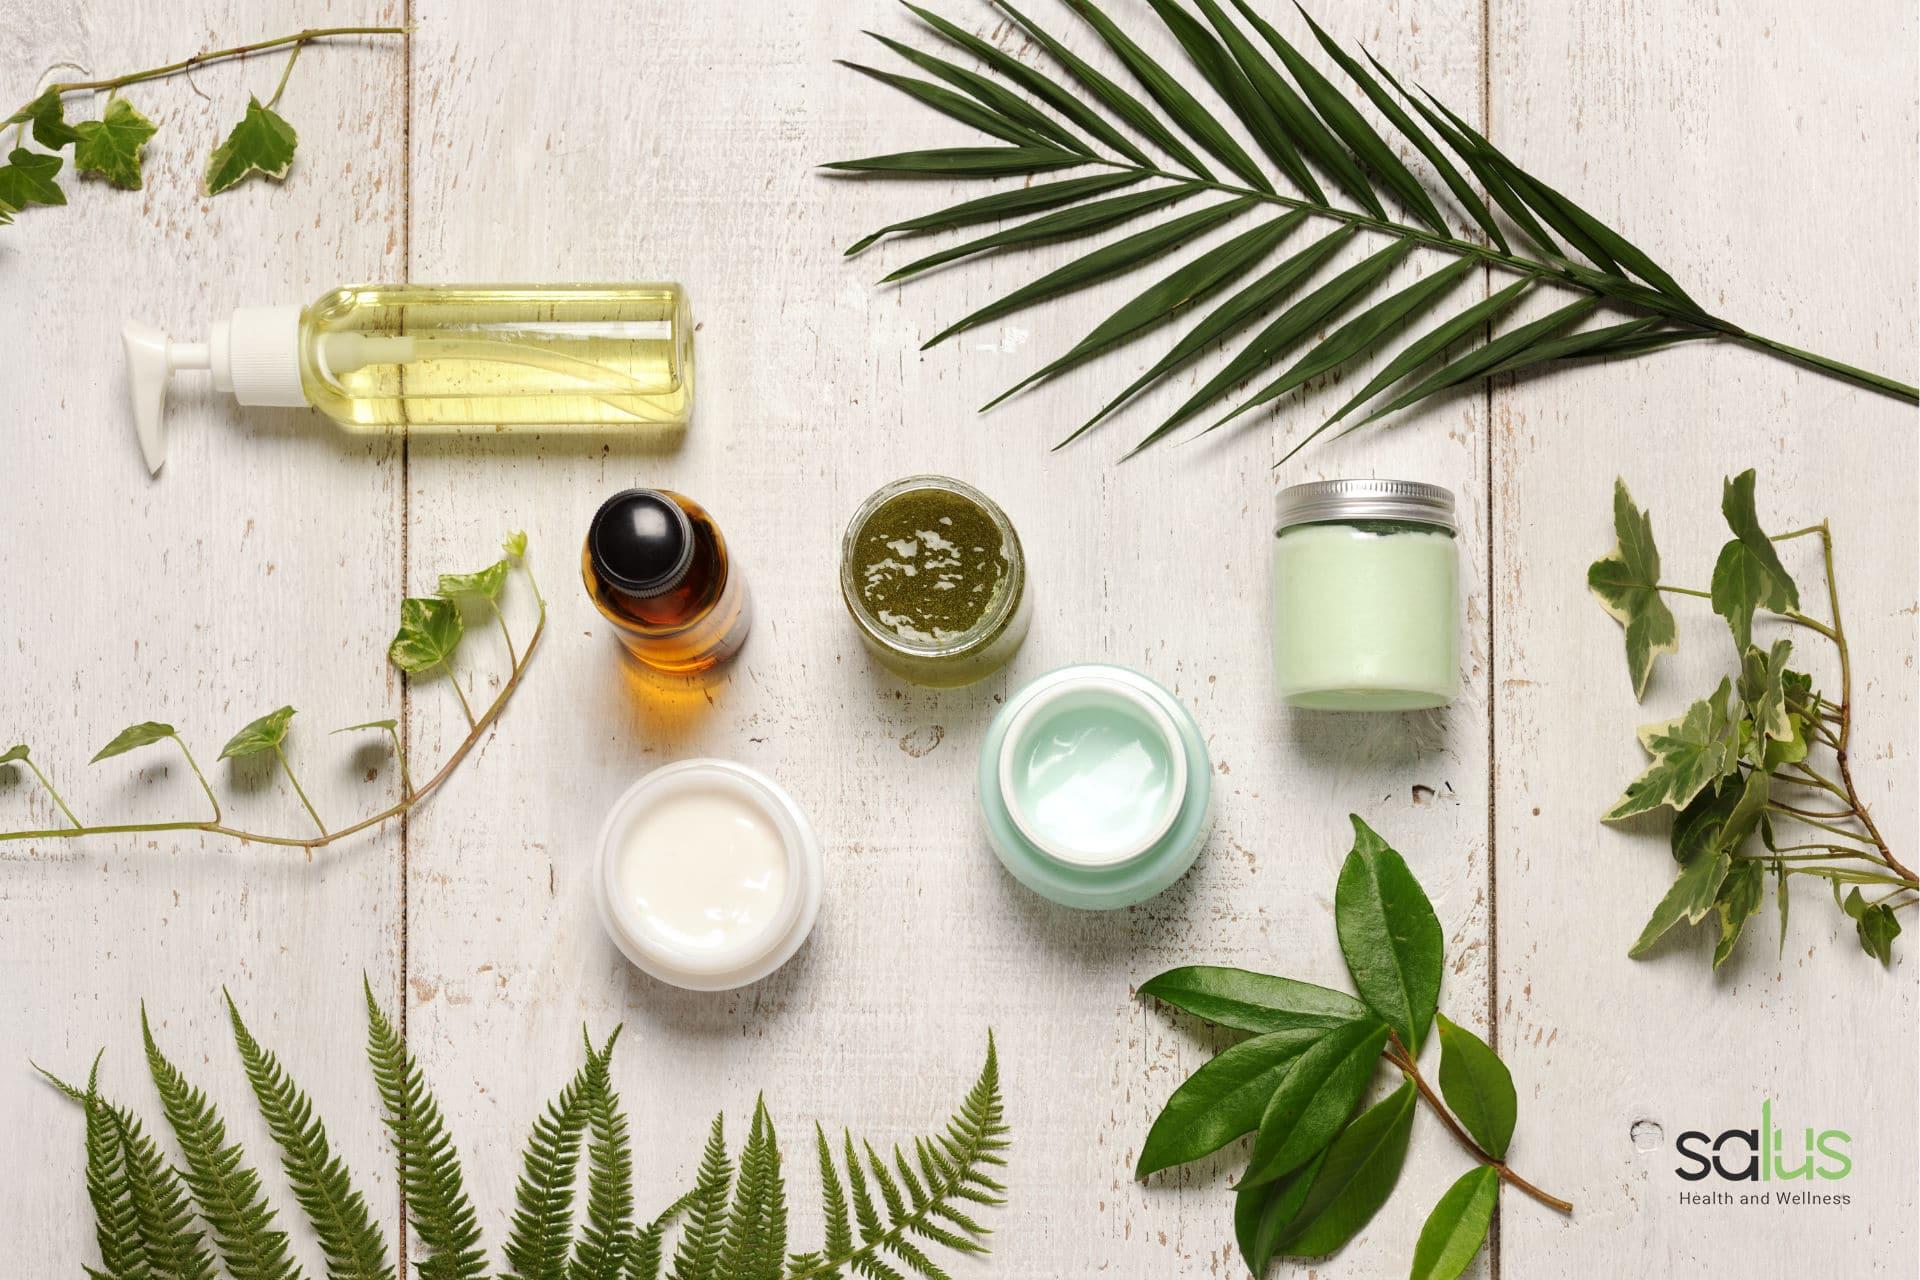 Salus-Blog-vantaggi-cosmesi-vegan